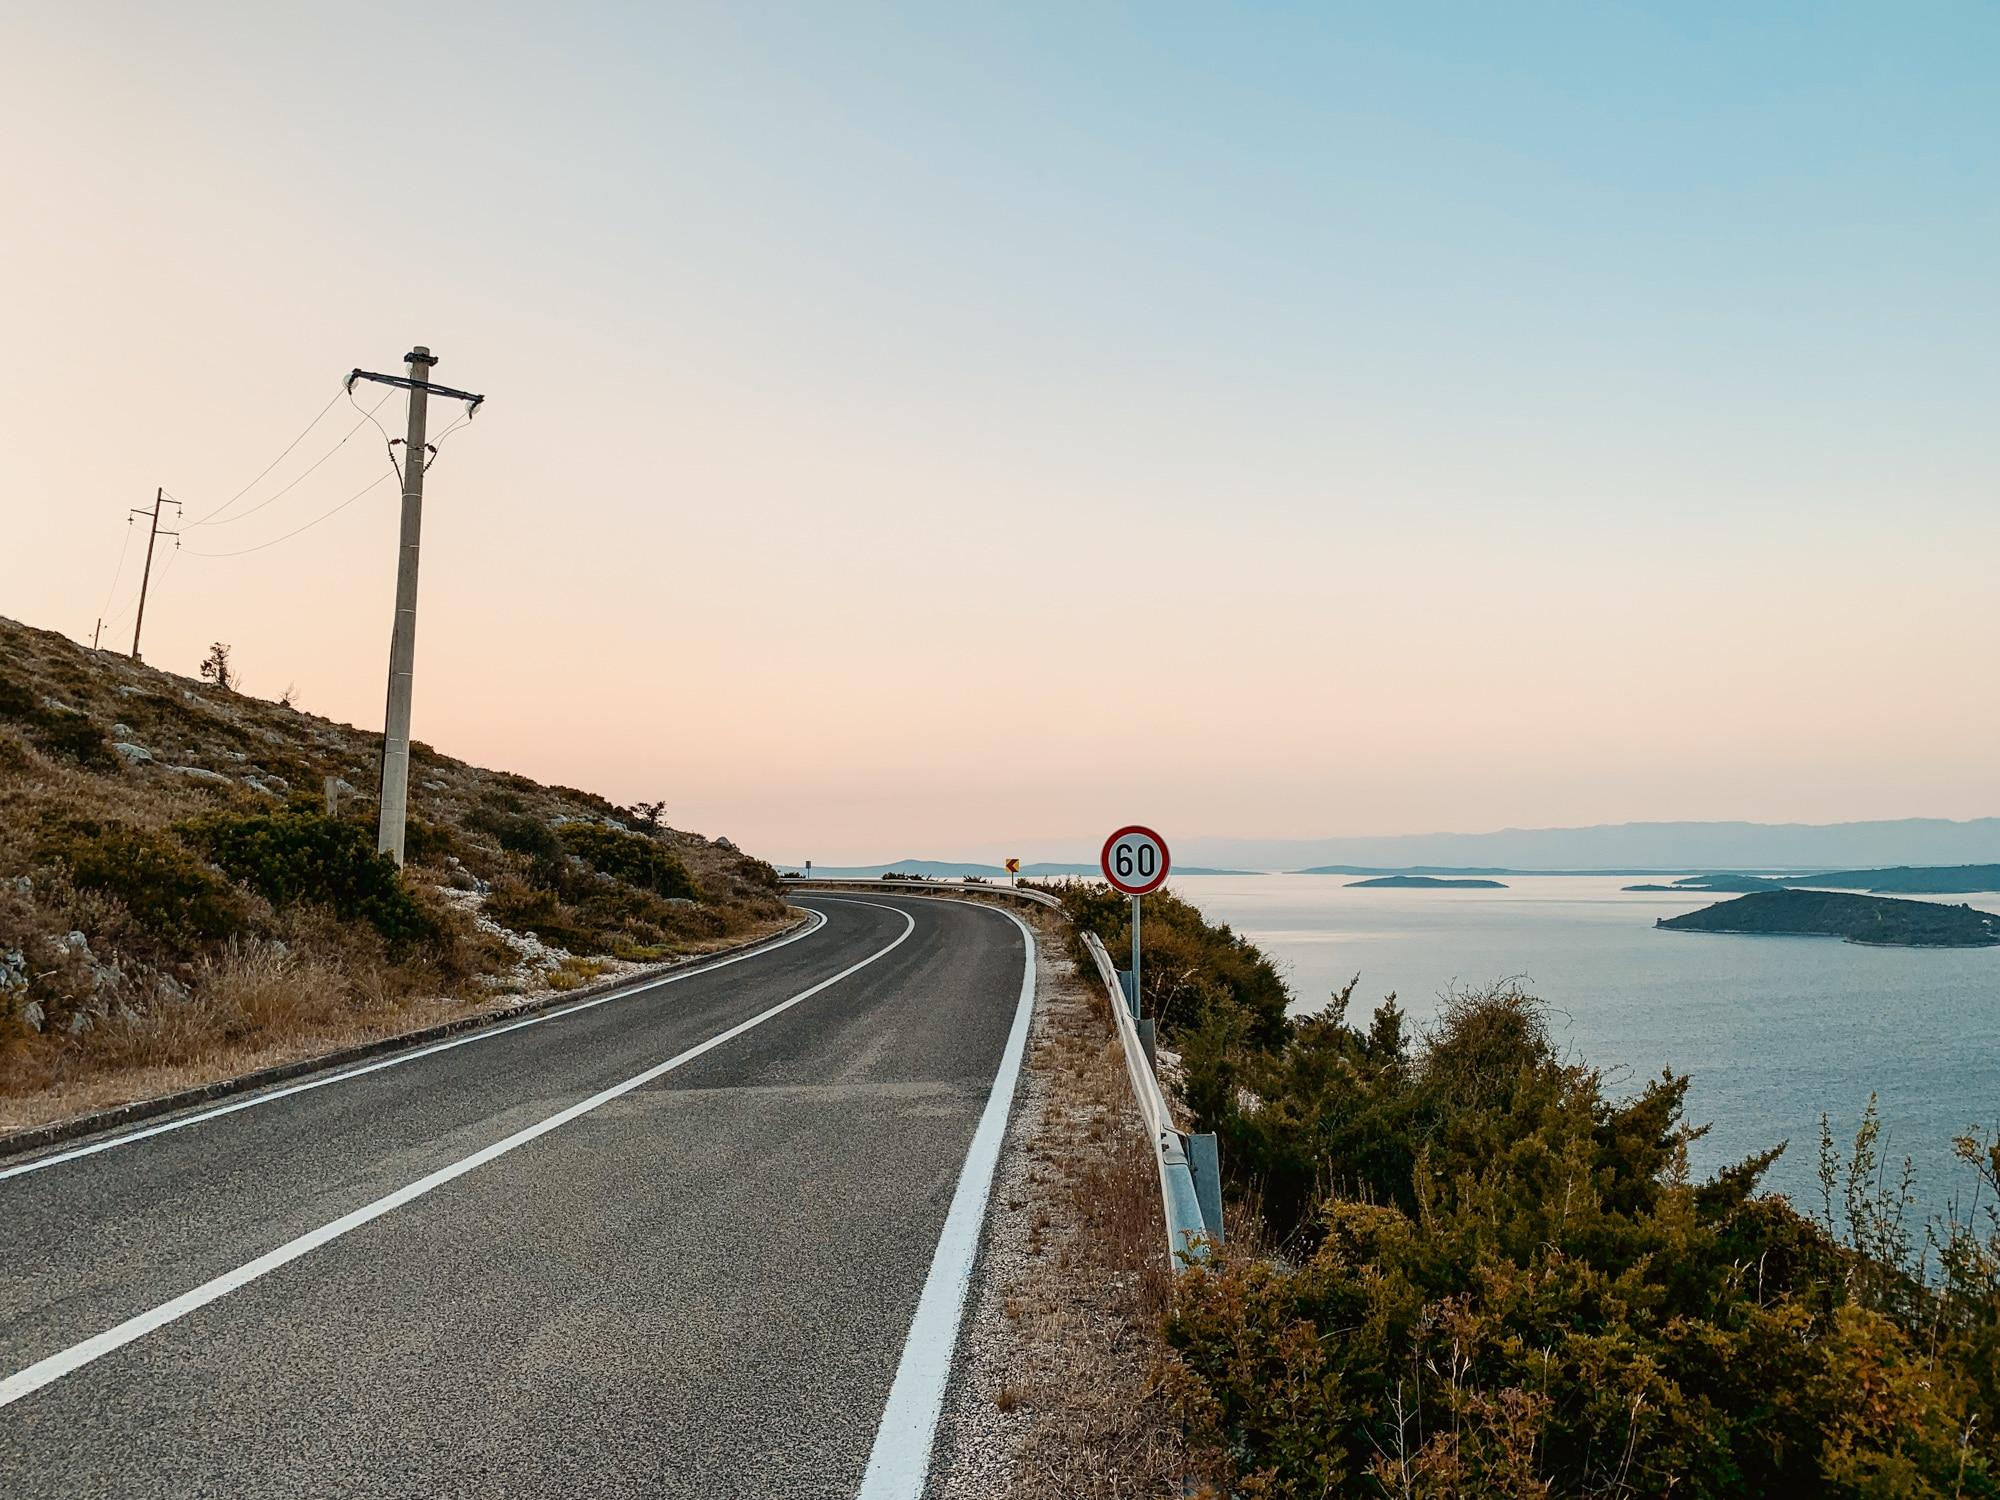 Dugi Otok Sehenswürdigkeiten: Meine Highlights und Tipps für die Insel - Aussicht zum Sonnenuntergang